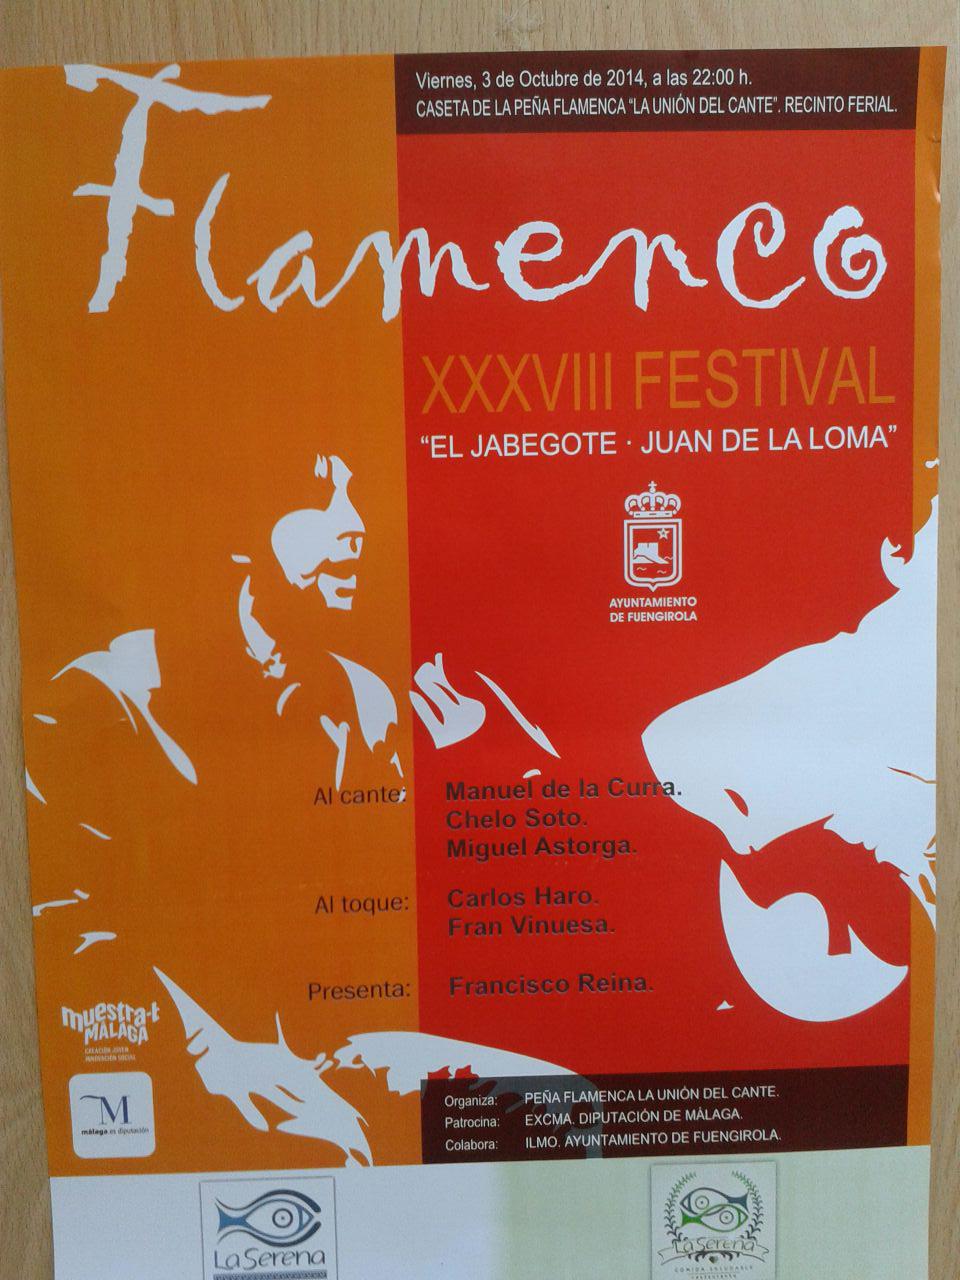 Cartel XXXVIII Festival El Jabegote - Juan de La Loma